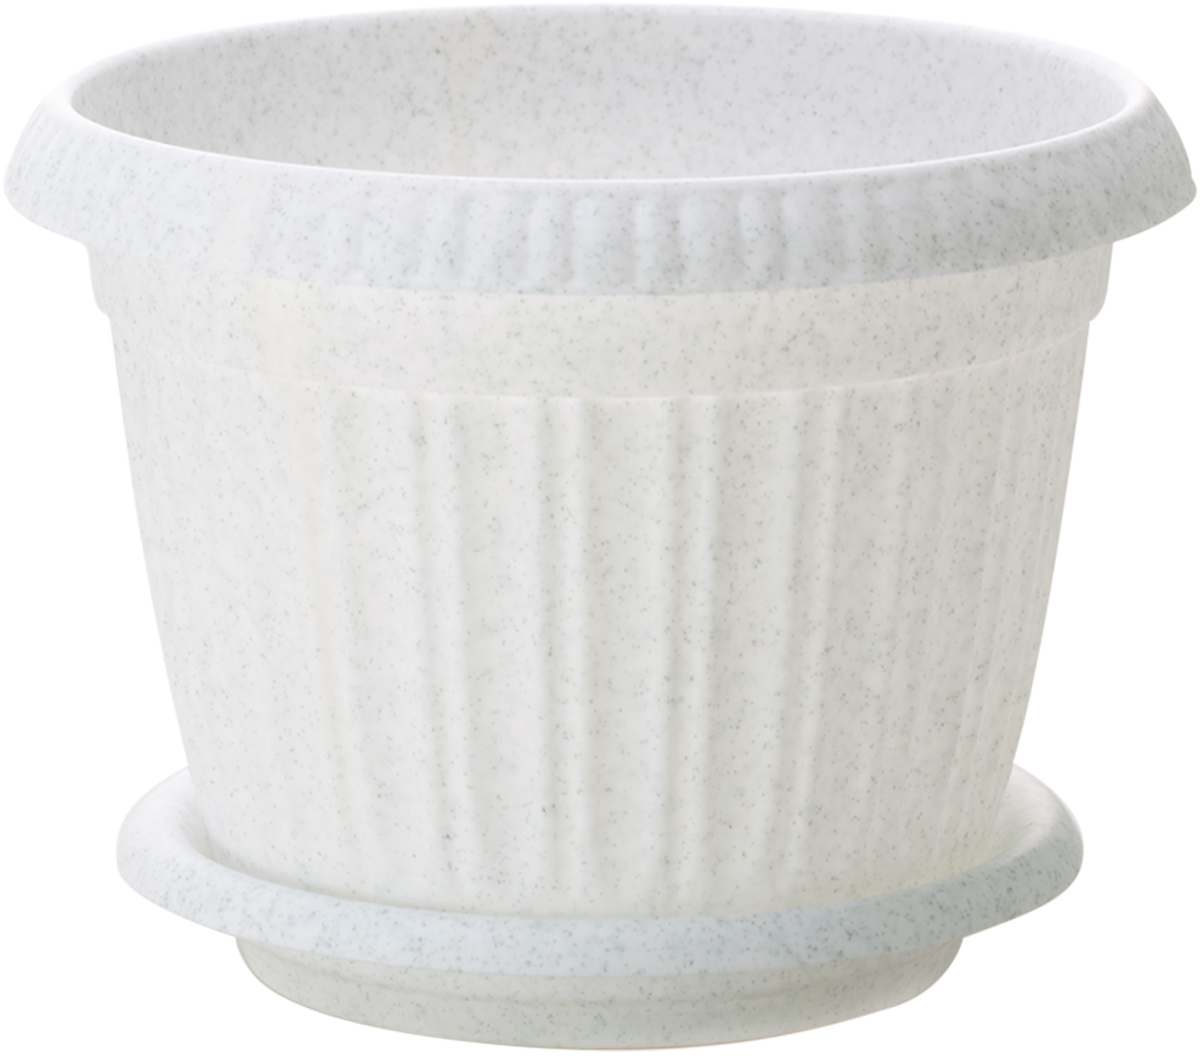 Горшок для цветов InGreen Таити, с подставкой, цвет: мраморный, диаметр 20 смZ-0307Горшок InGreen Таити выполнен из высококачественного полипропилена (пластика) и предназначен для выращивания цветов, растений и трав. Снабжен подставкой для стока воды.Такой горшок порадует вас функциональностью, а благодаря лаконичному дизайну впишется в любой интерьер помещения.Диаметр горшка по верхнему краю: 20 см. Высота горшка: 15,5 см. Диаметр подставки: 16 см.